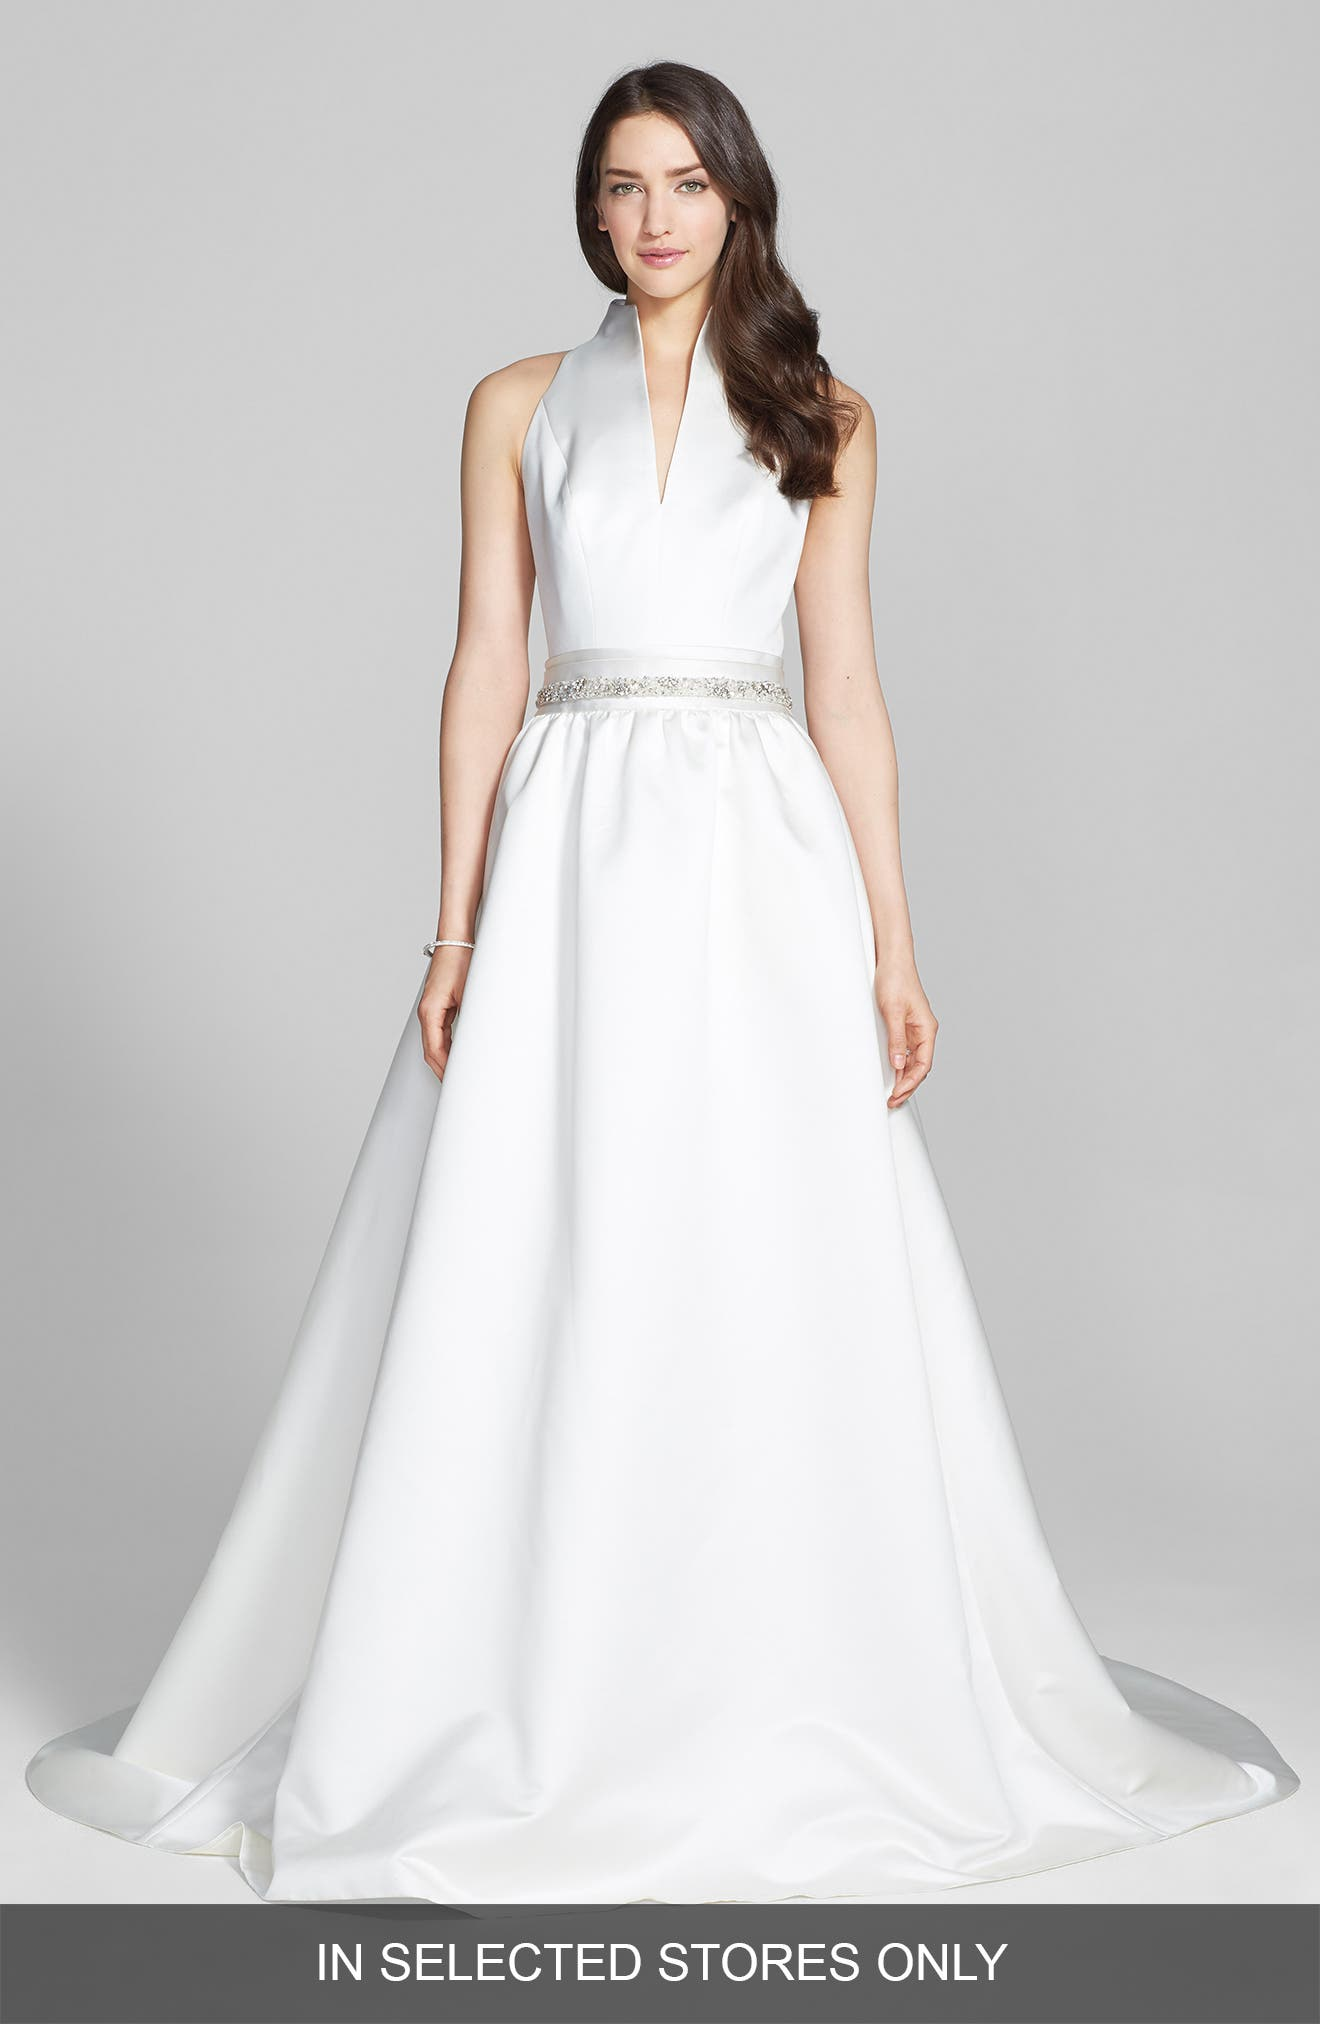 Main Image - Jesús Peiró Satin Dress with Embellished Waist Overskirt